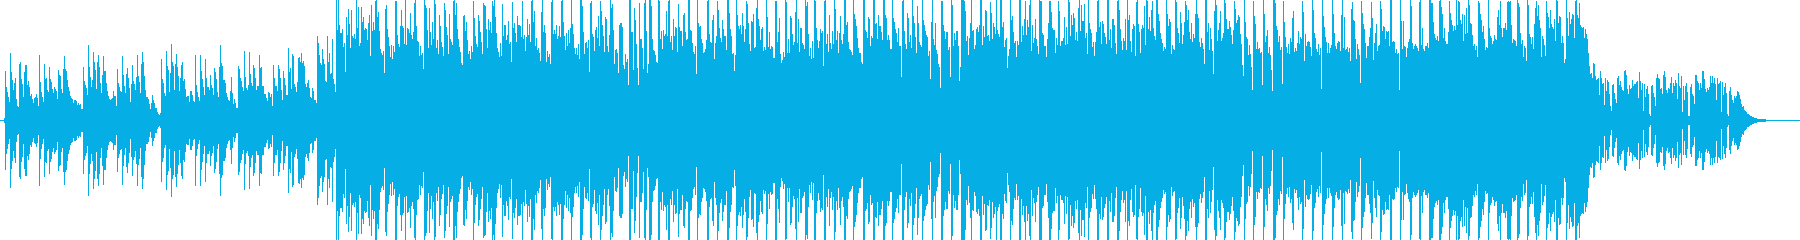 切なさ情緒を感じる琴の和風曲-短縮版の再生済みの波形